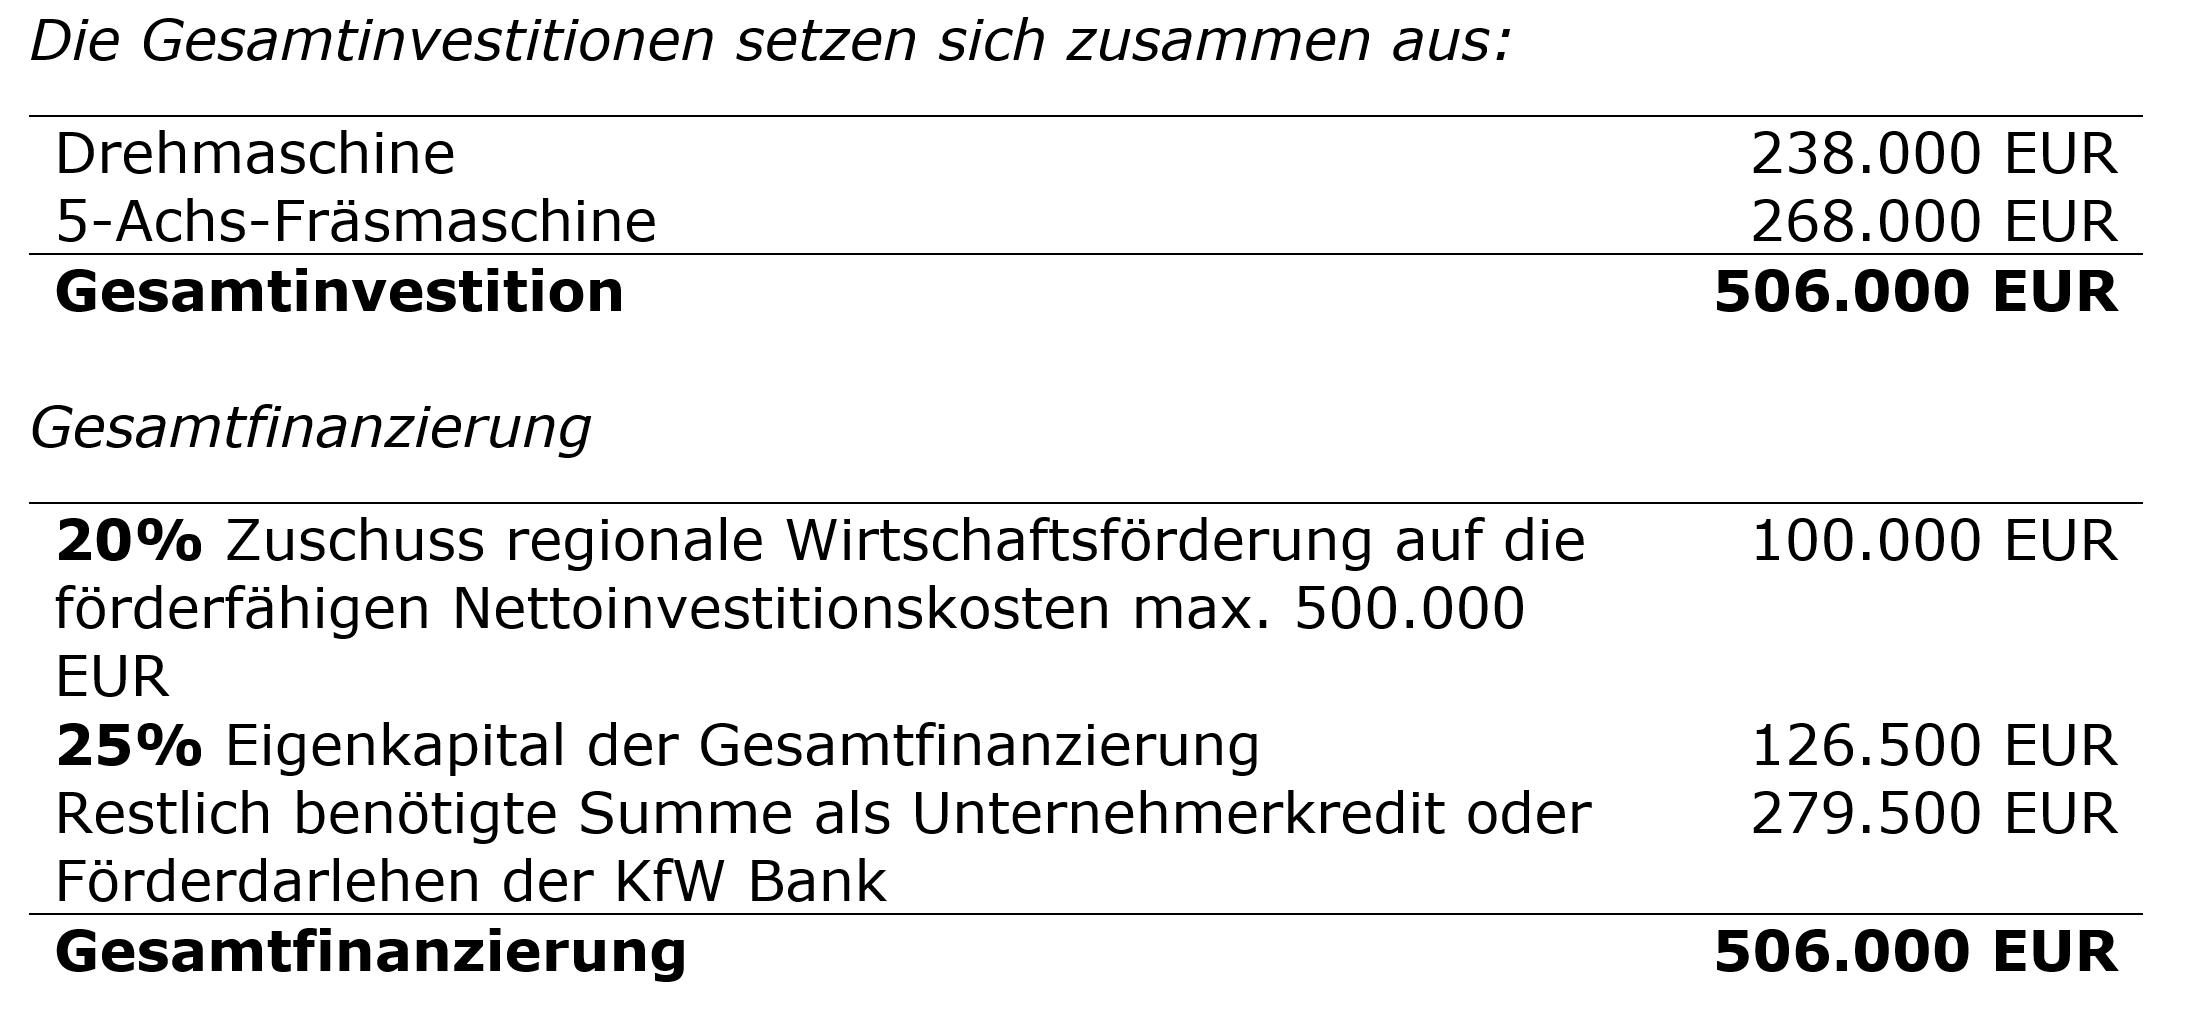 Gesamtfinanzierung für Ersatzteil-Fertigung einschließlich der Fördermittel